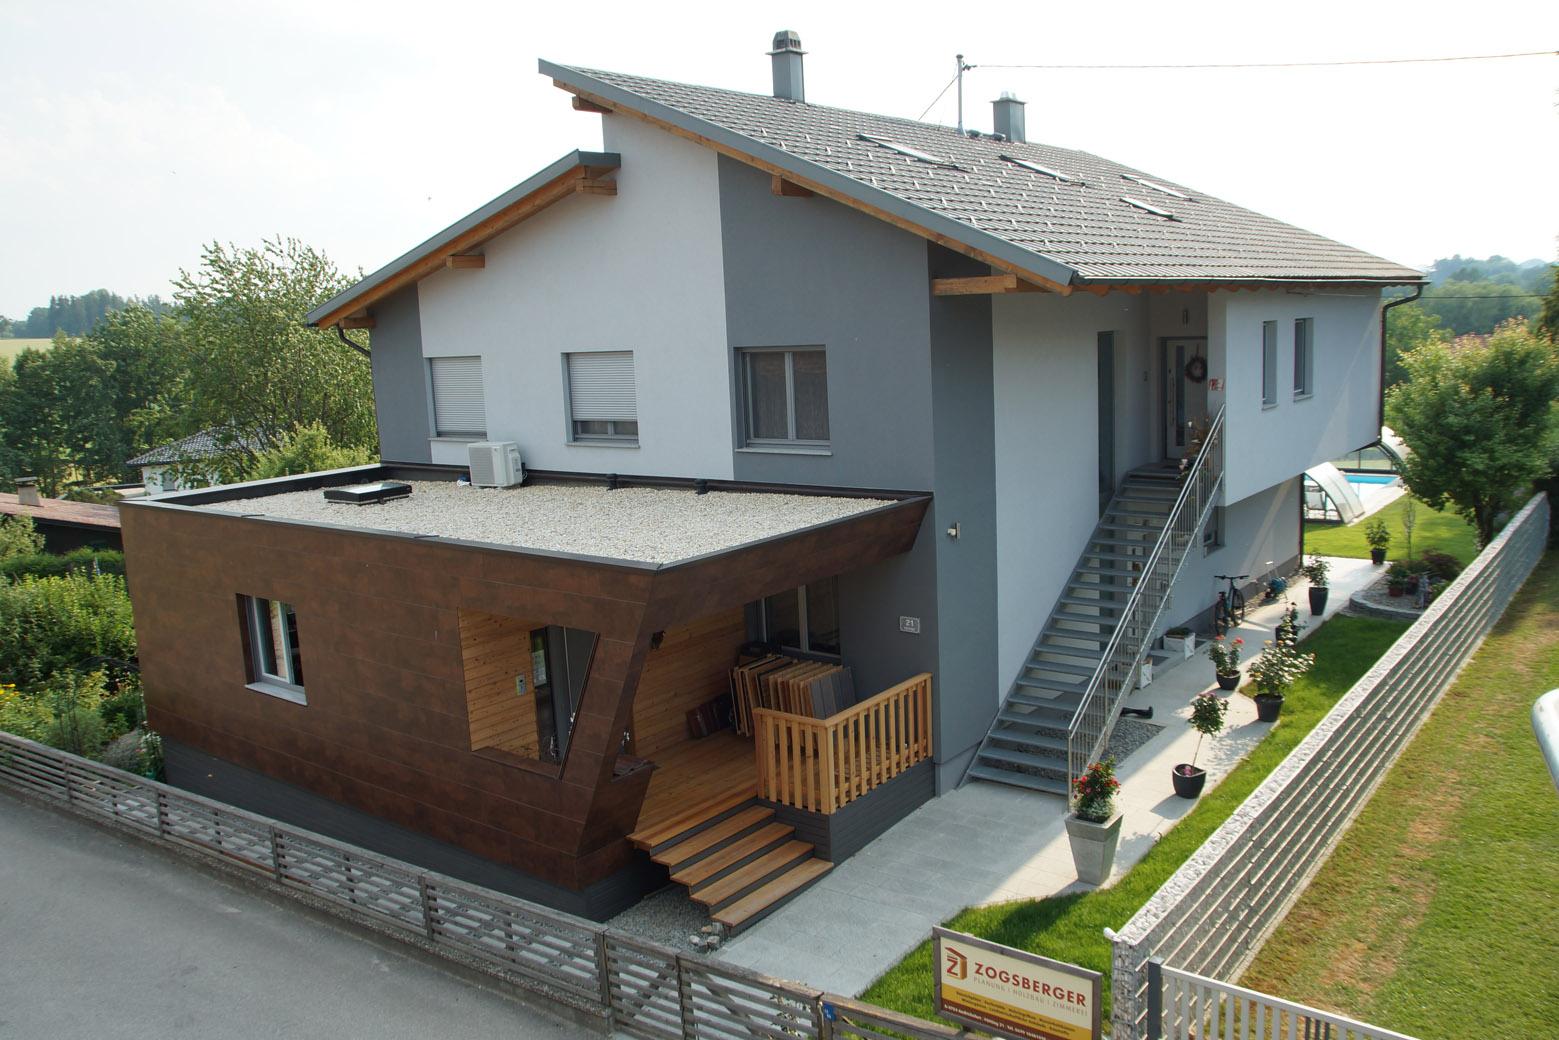 holzmassivhaus_9